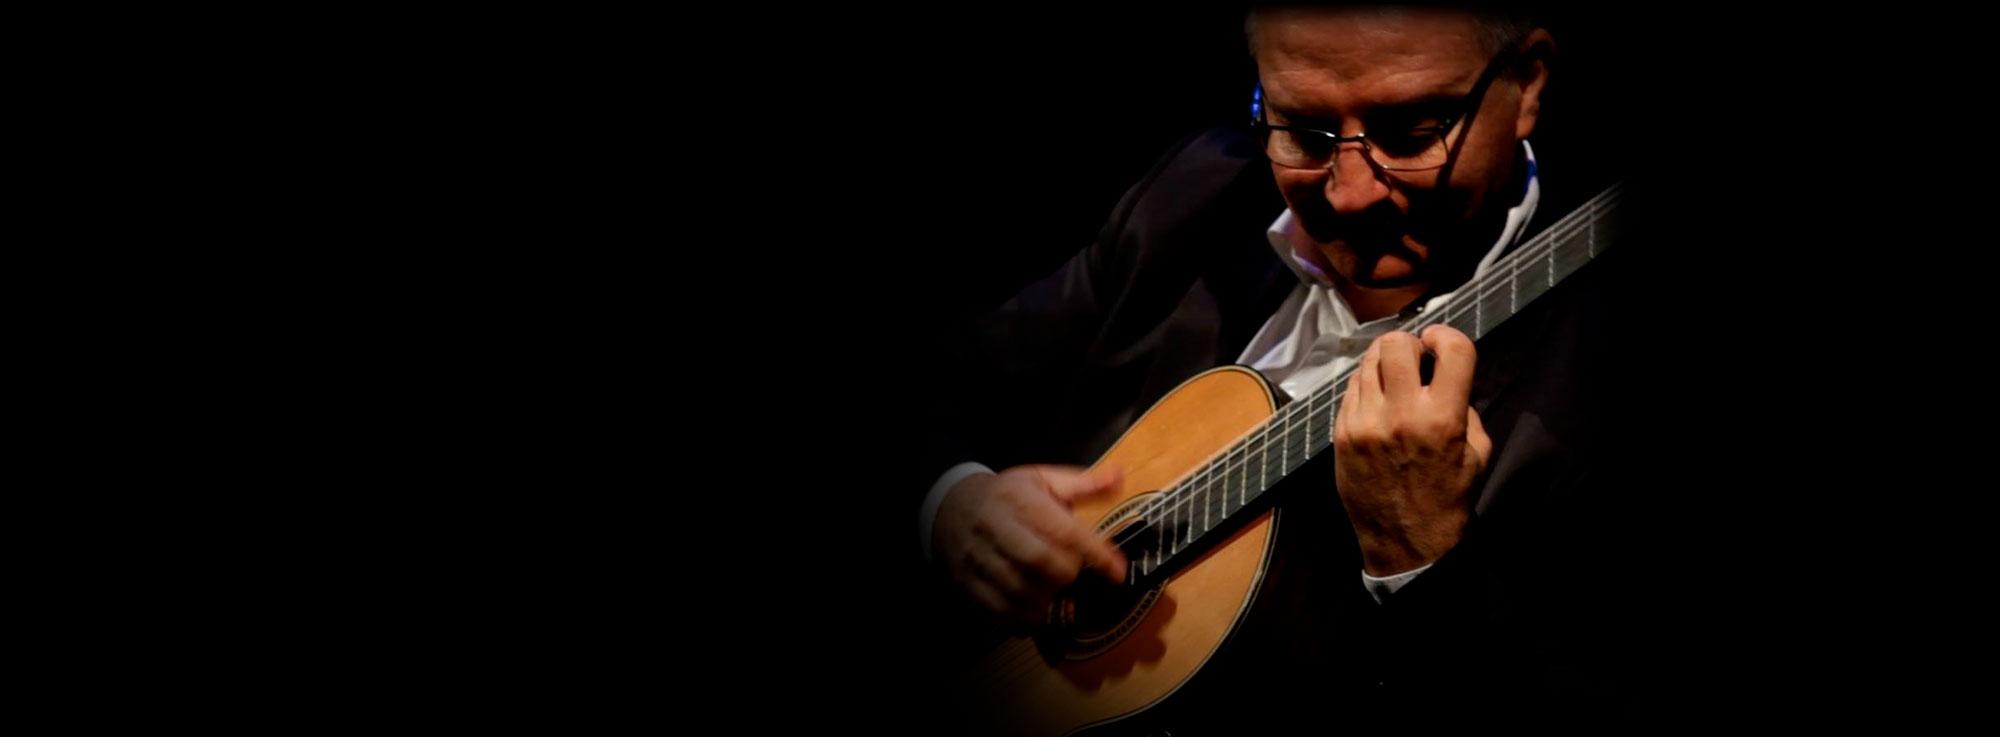 Mesagne: Festival internazionale della chitarra